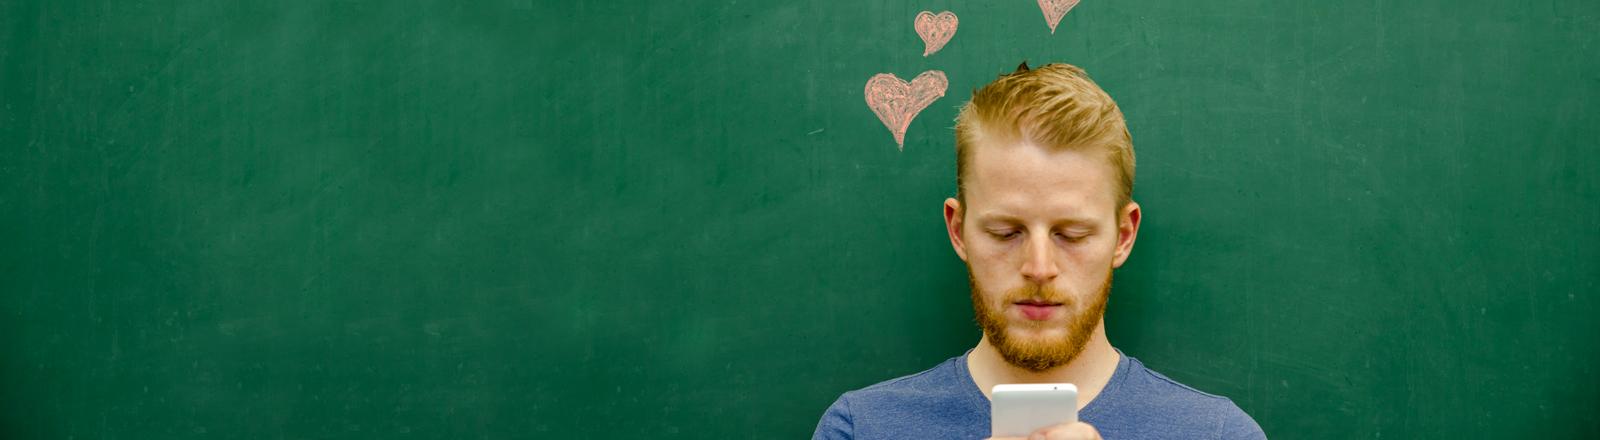 Ein Mann mit einem Smartphone und Herzen auf einer Tafel hinter ihm.